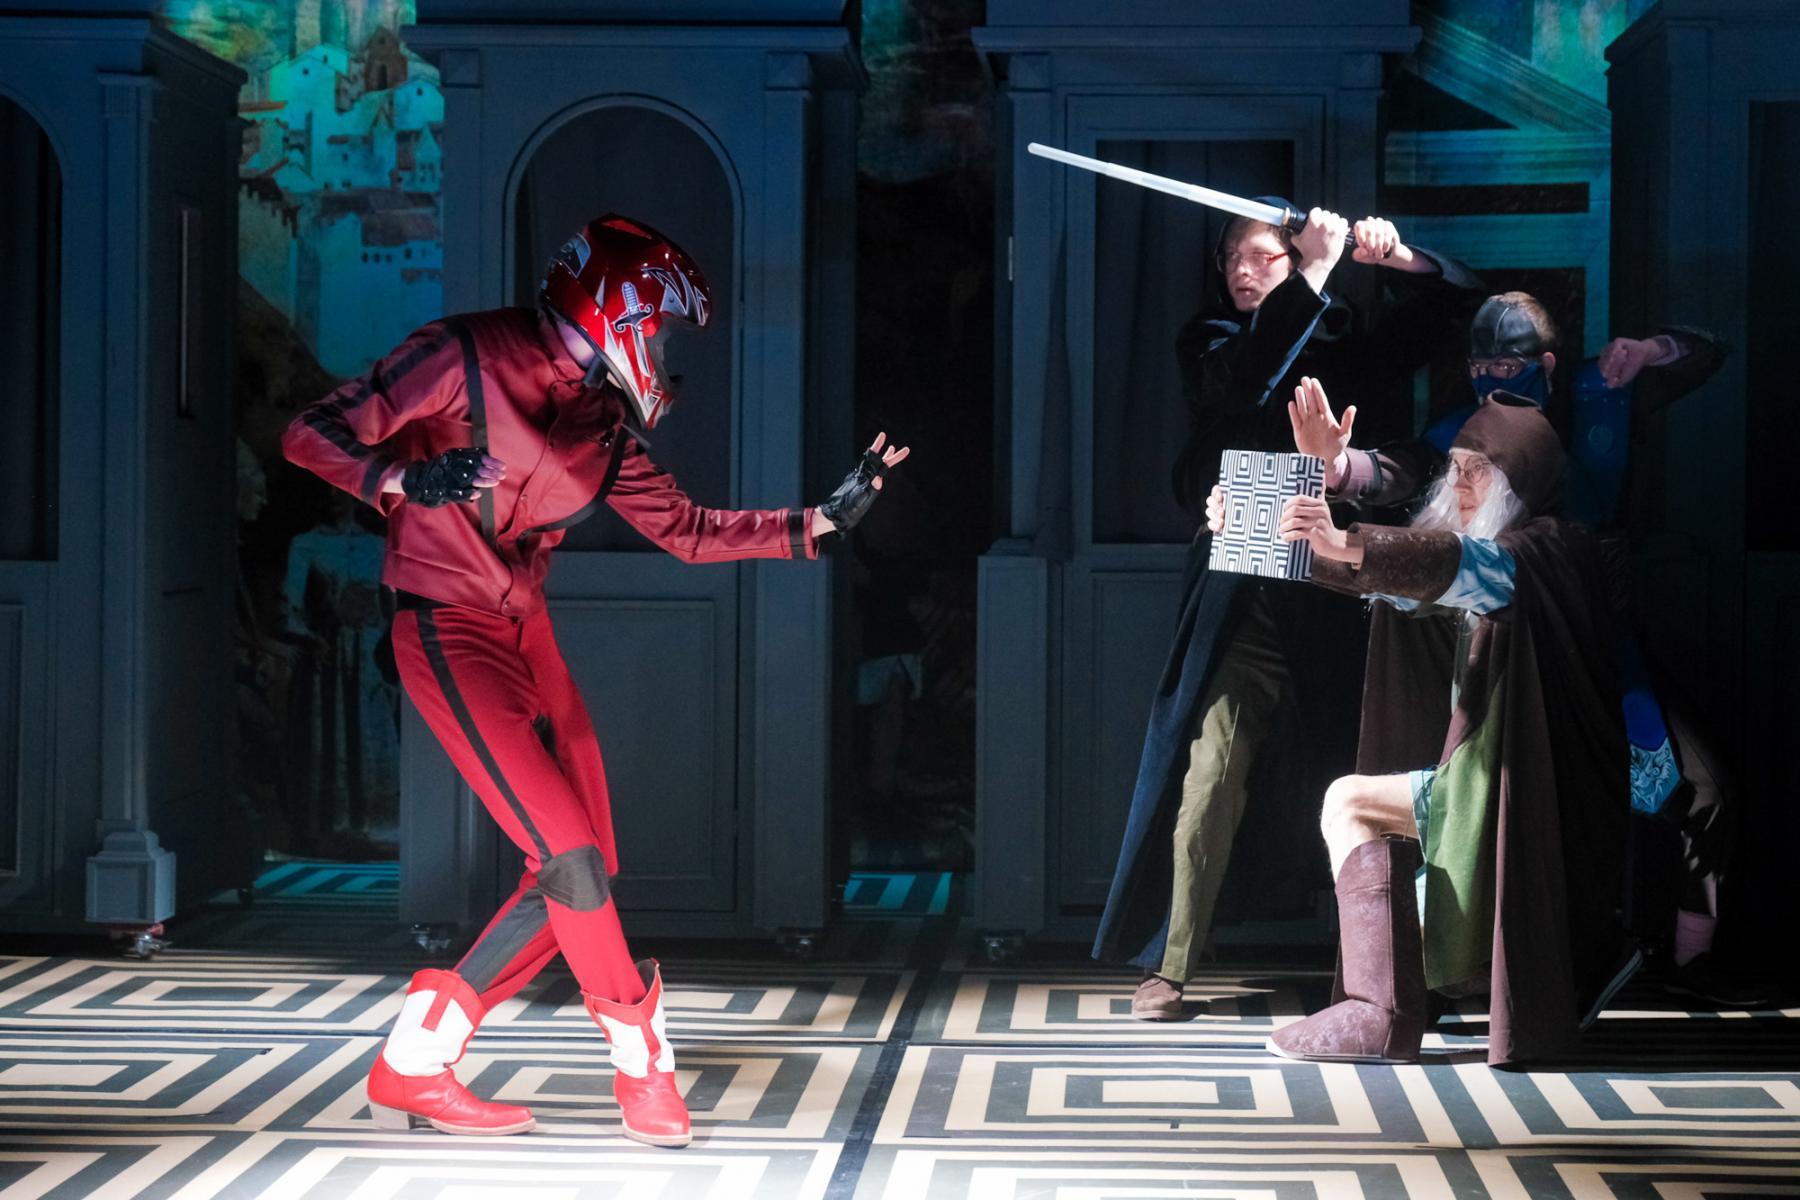 фото «Спектакль про детей, которые наворотили дел, и всё кончилось плохо»: остросюжетный детектив о Ромео и Джульетте показали в  «Первом театре» 2